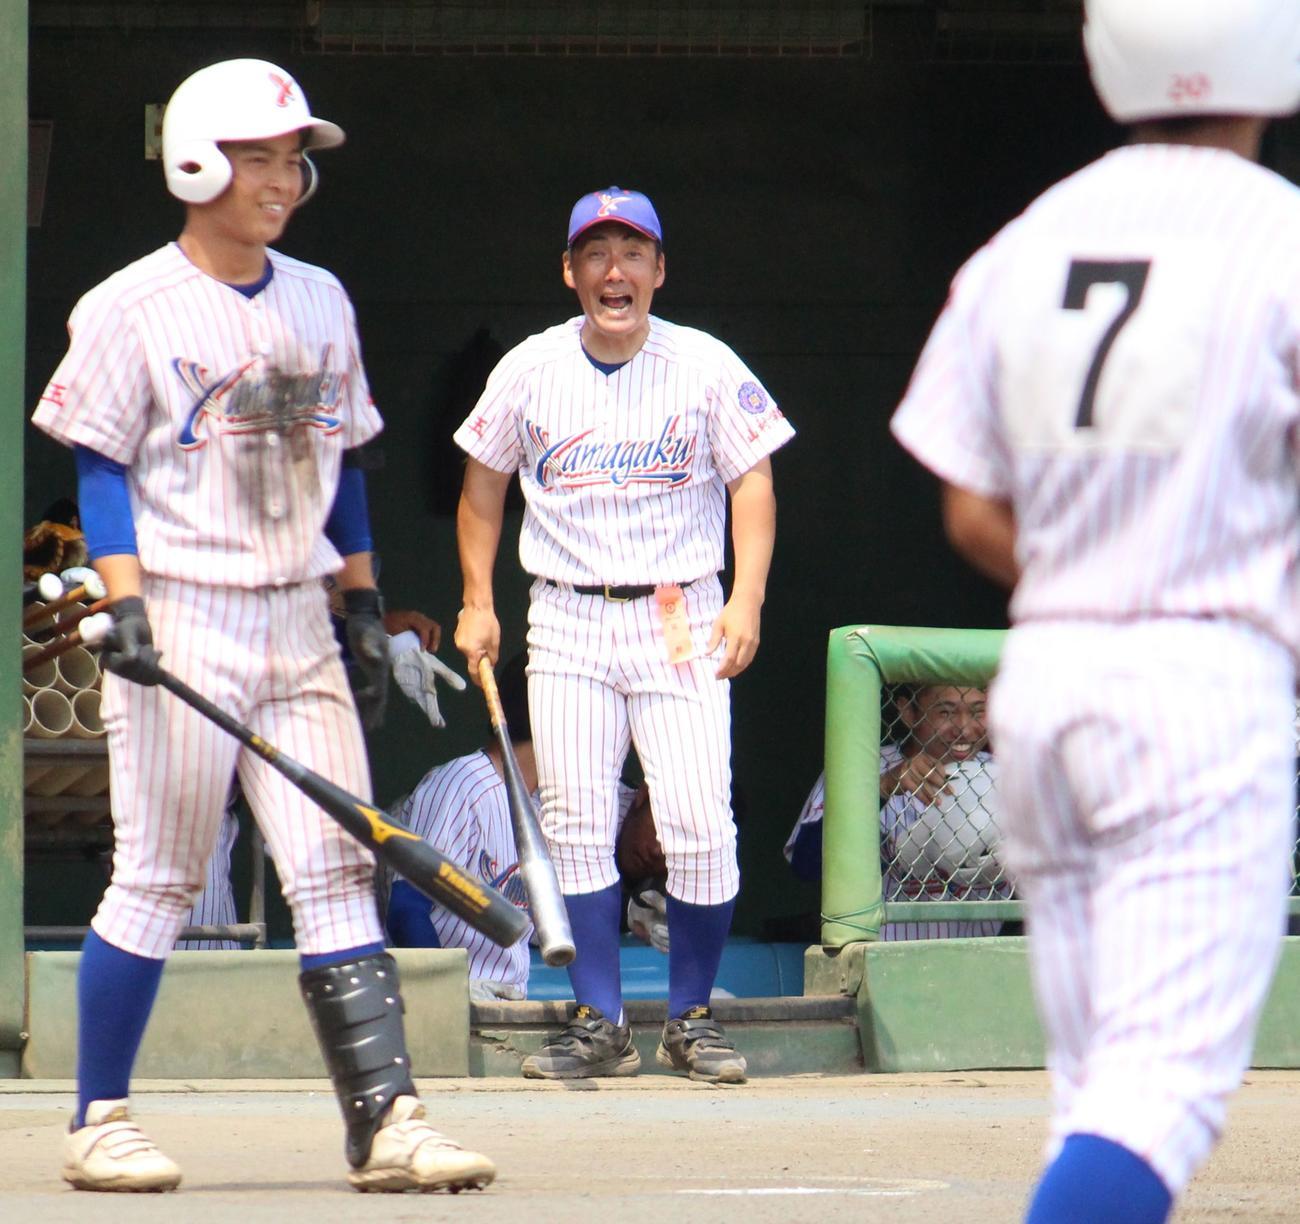 川口対山村学園 5回裏のチャンスで、選手に「頼むぞ!」と声をかける山村学園・岡野監督(中央)(撮影・保坂恭子)